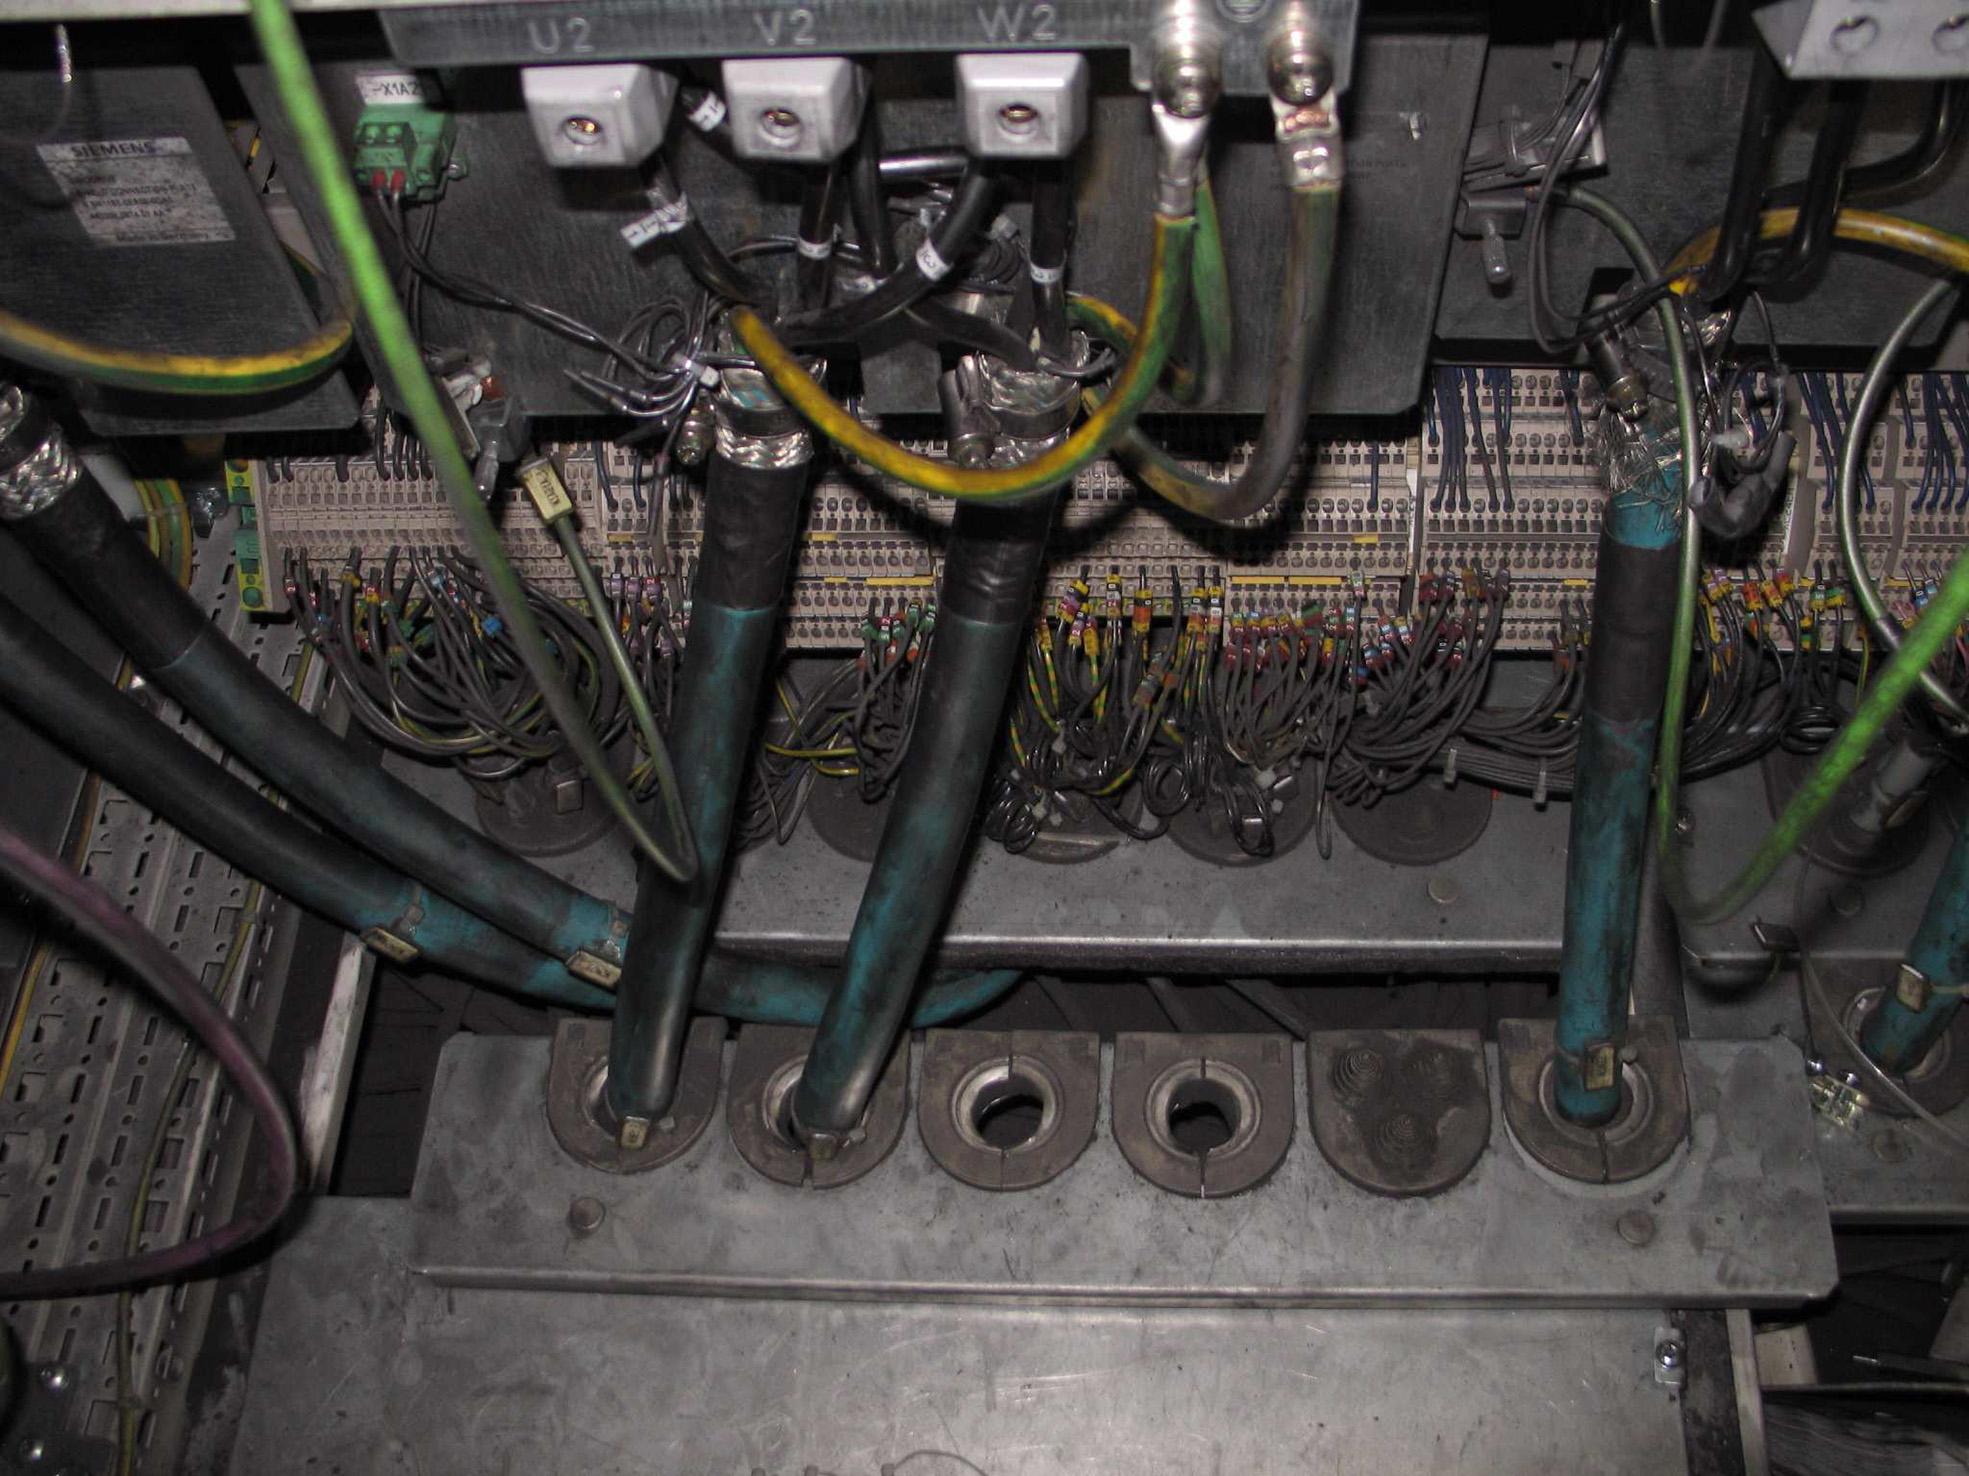 Verschmutze Schaltschränke aufgrund undichter Kabeleinführung (Bild: Icotek GmbH)